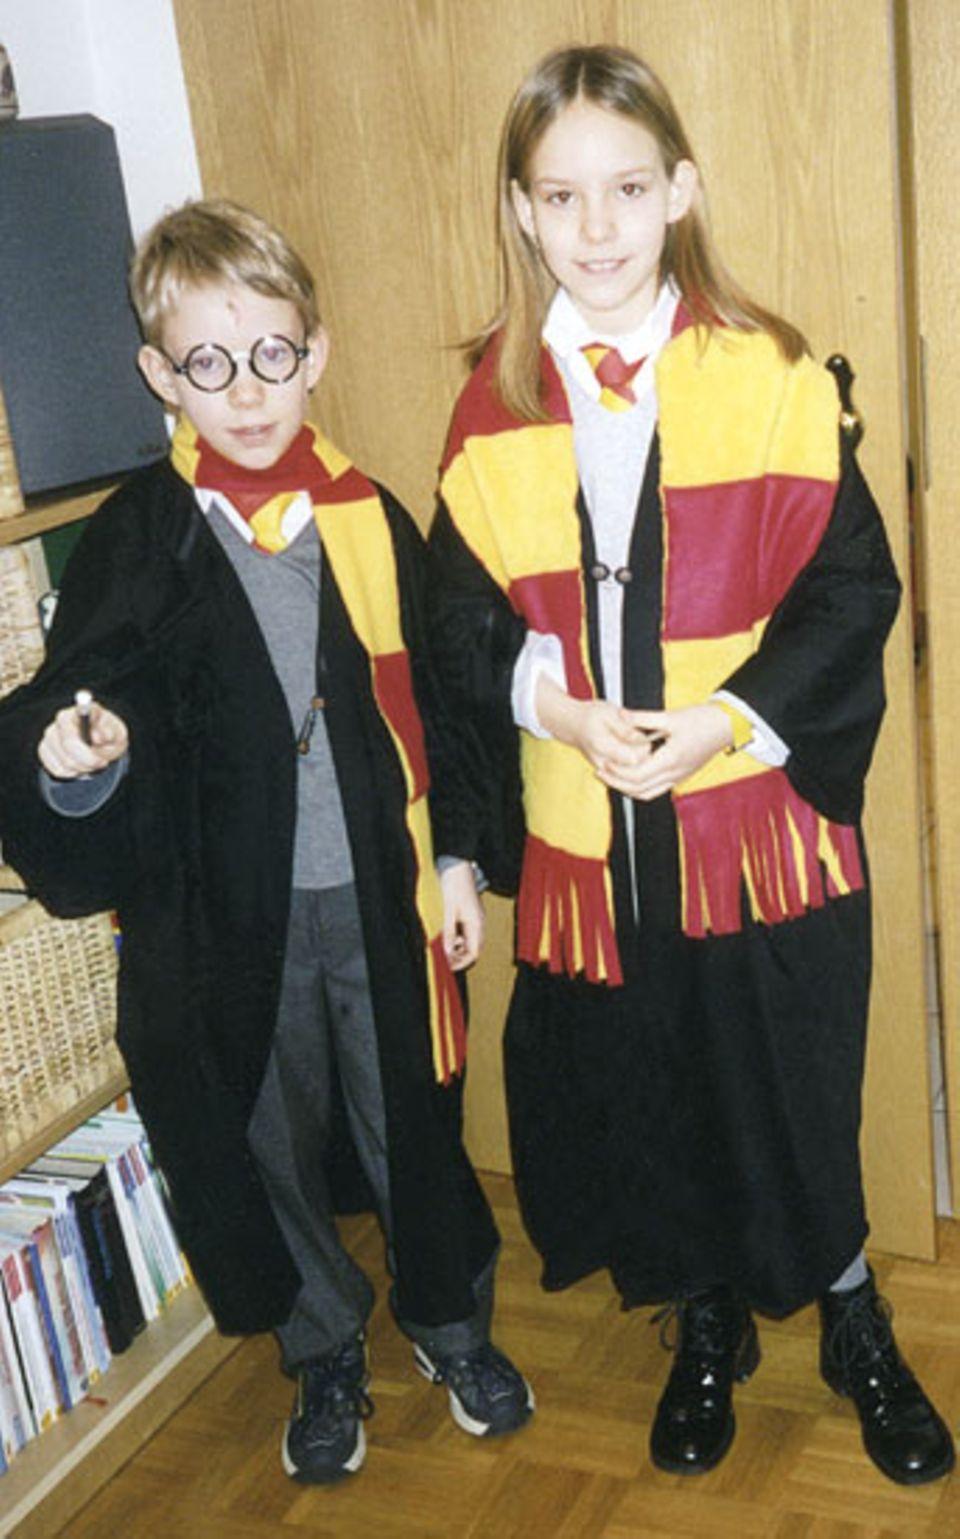 Lena (12) und ihr Bruder Niklas (9) aus Hermannsburg schlüpften in Harry-Potter-Kostüme, die ihre Mutter für sie genäht hat